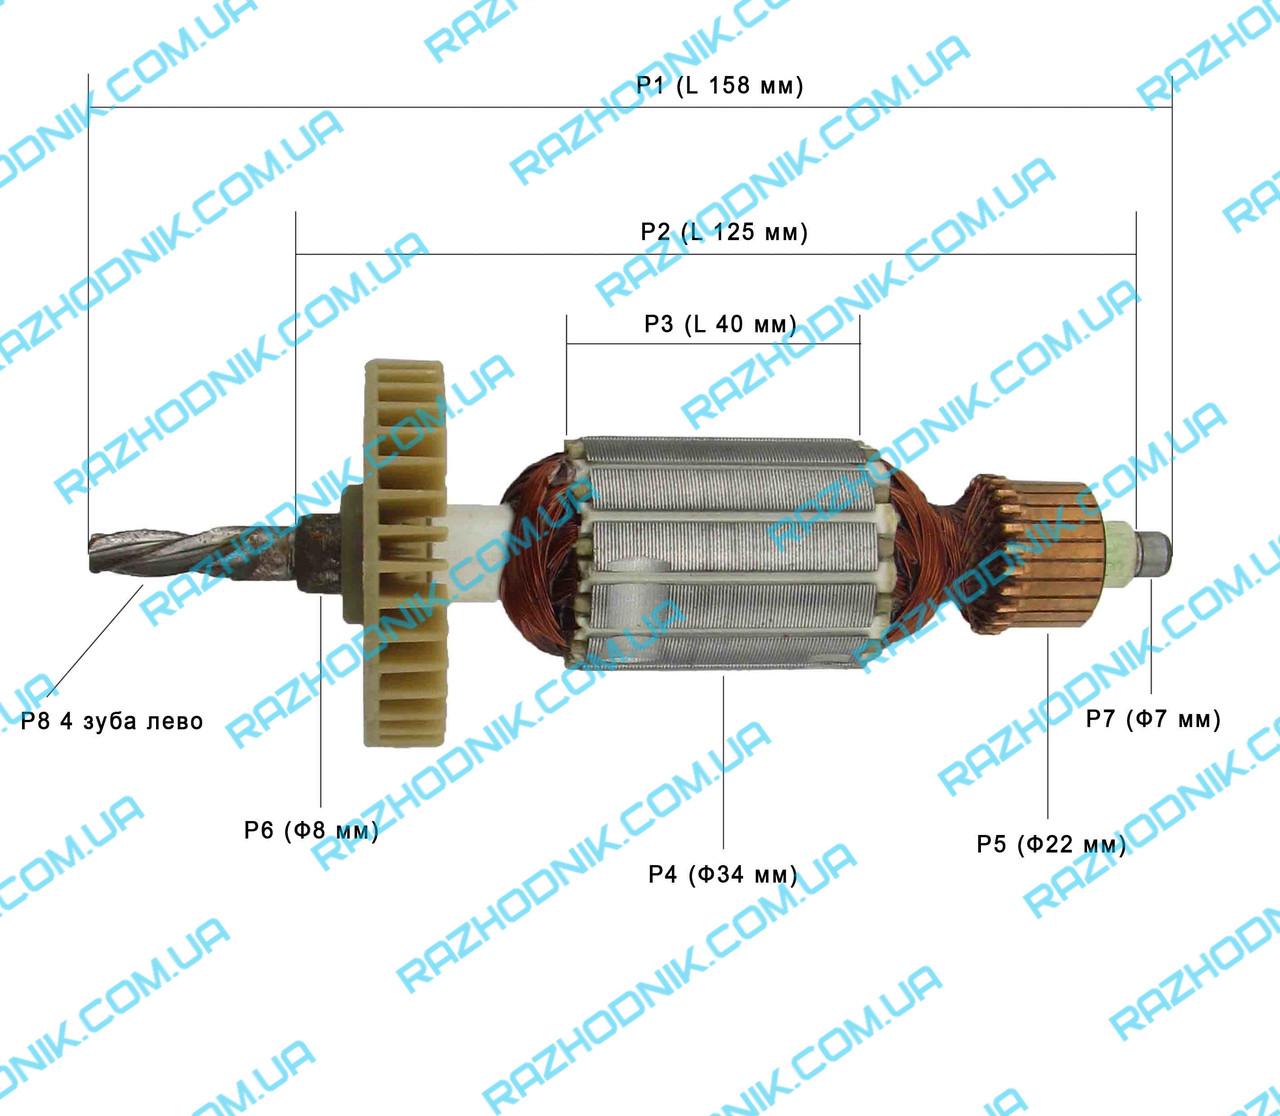 Якір на Дриль Титан ПДУ 710 РЕ